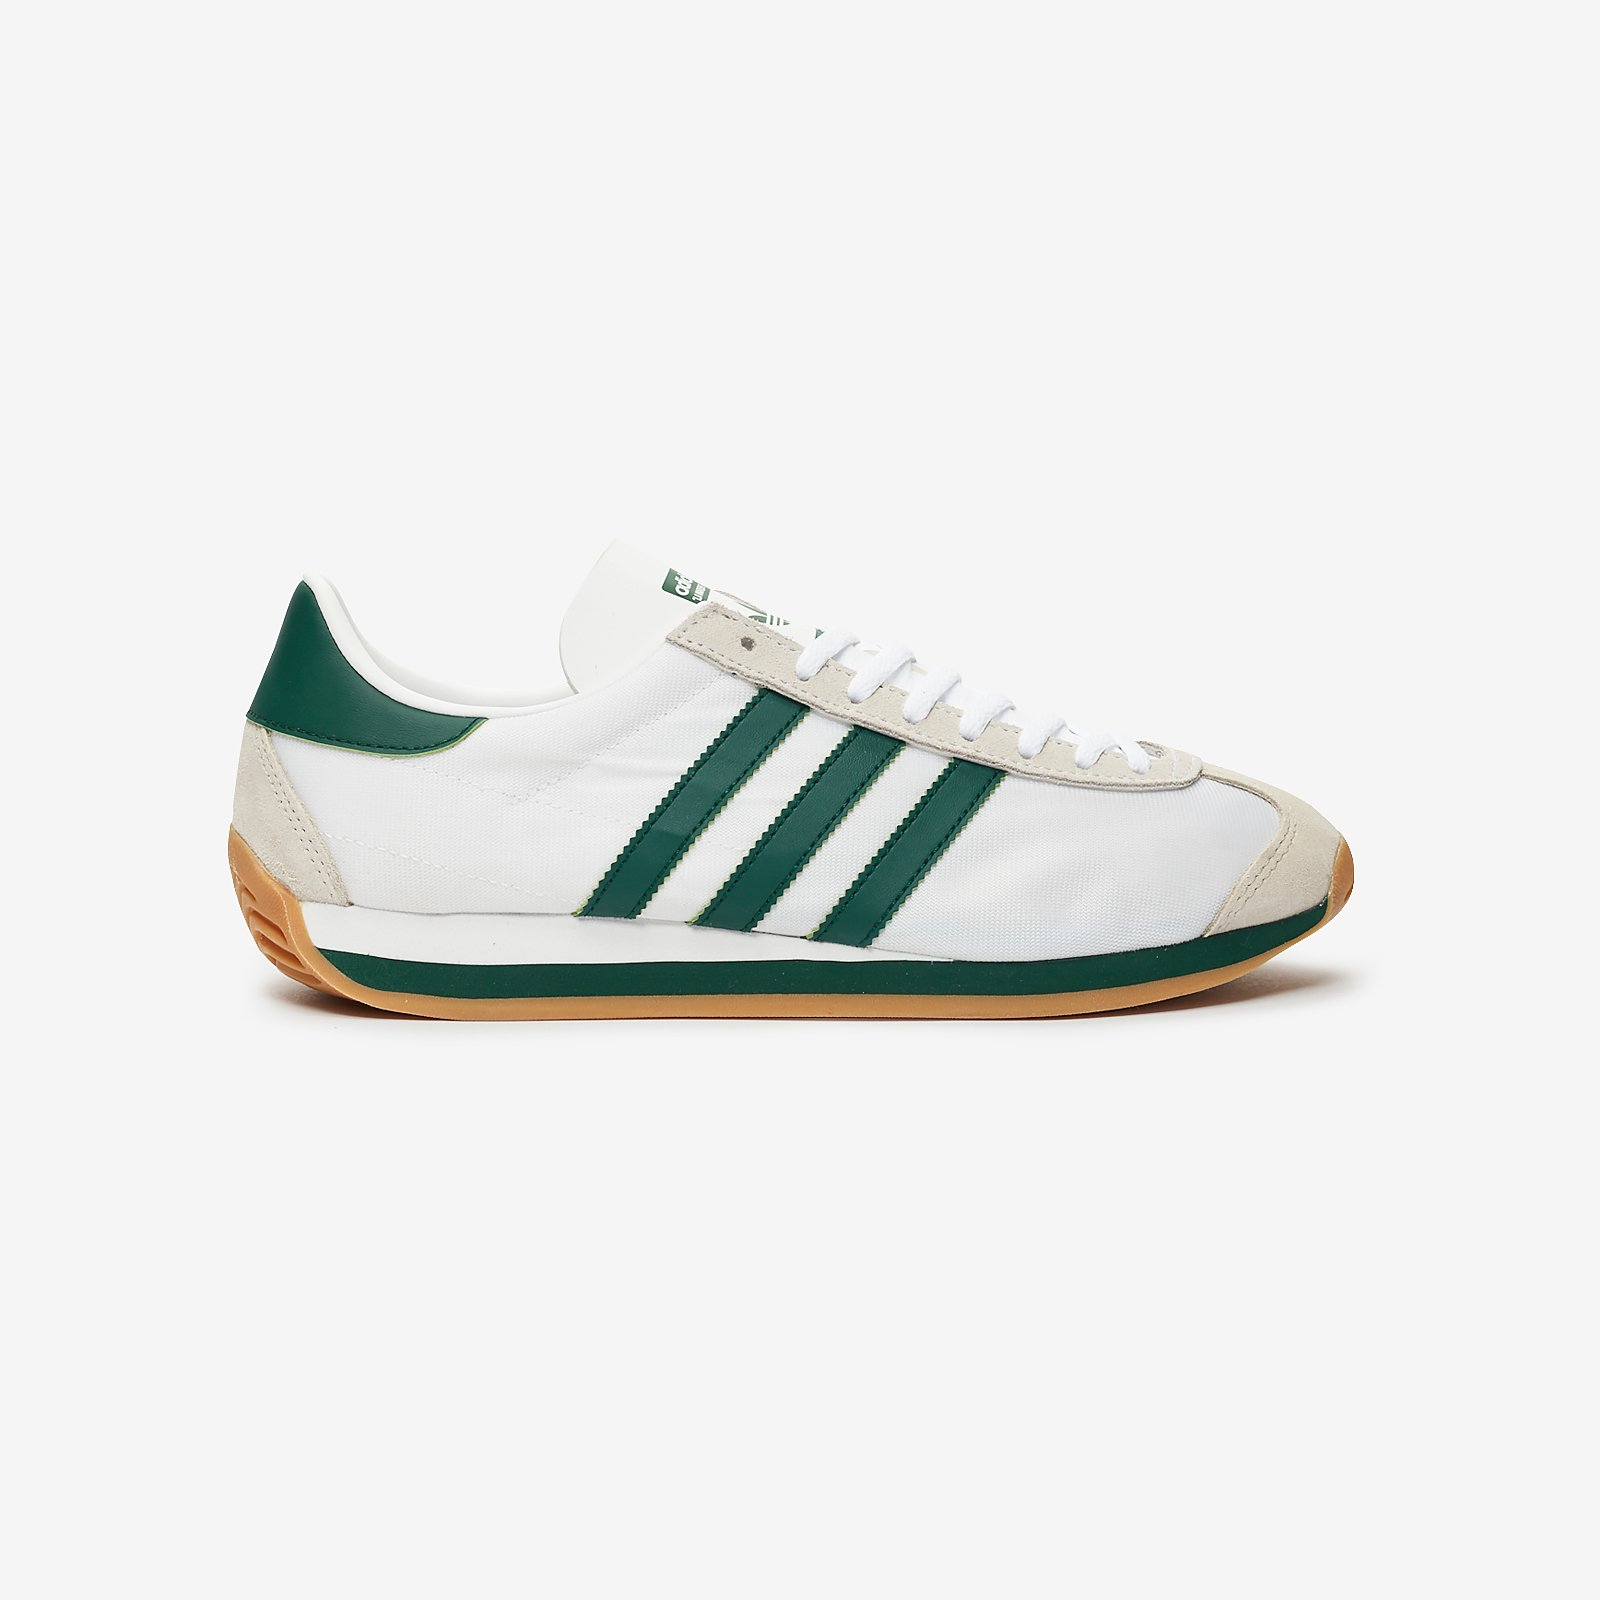 adidas Country OG - Ee5745 - SNS | sneakers & streetwear online ...